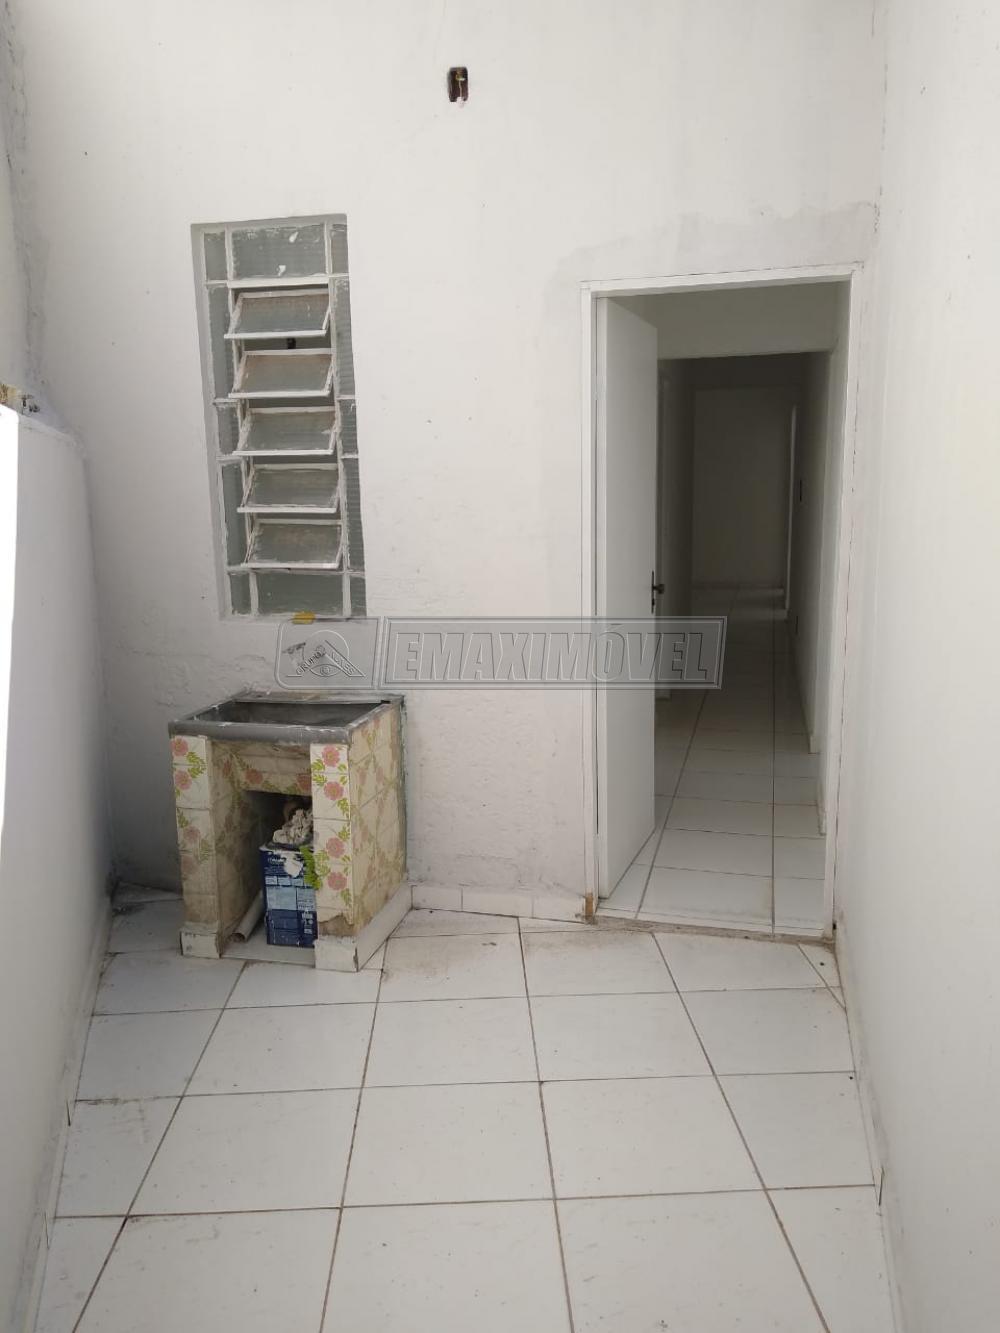 Alugar Casas / Comerciais em Sorocaba apenas R$ 1.400,00 - Foto 11